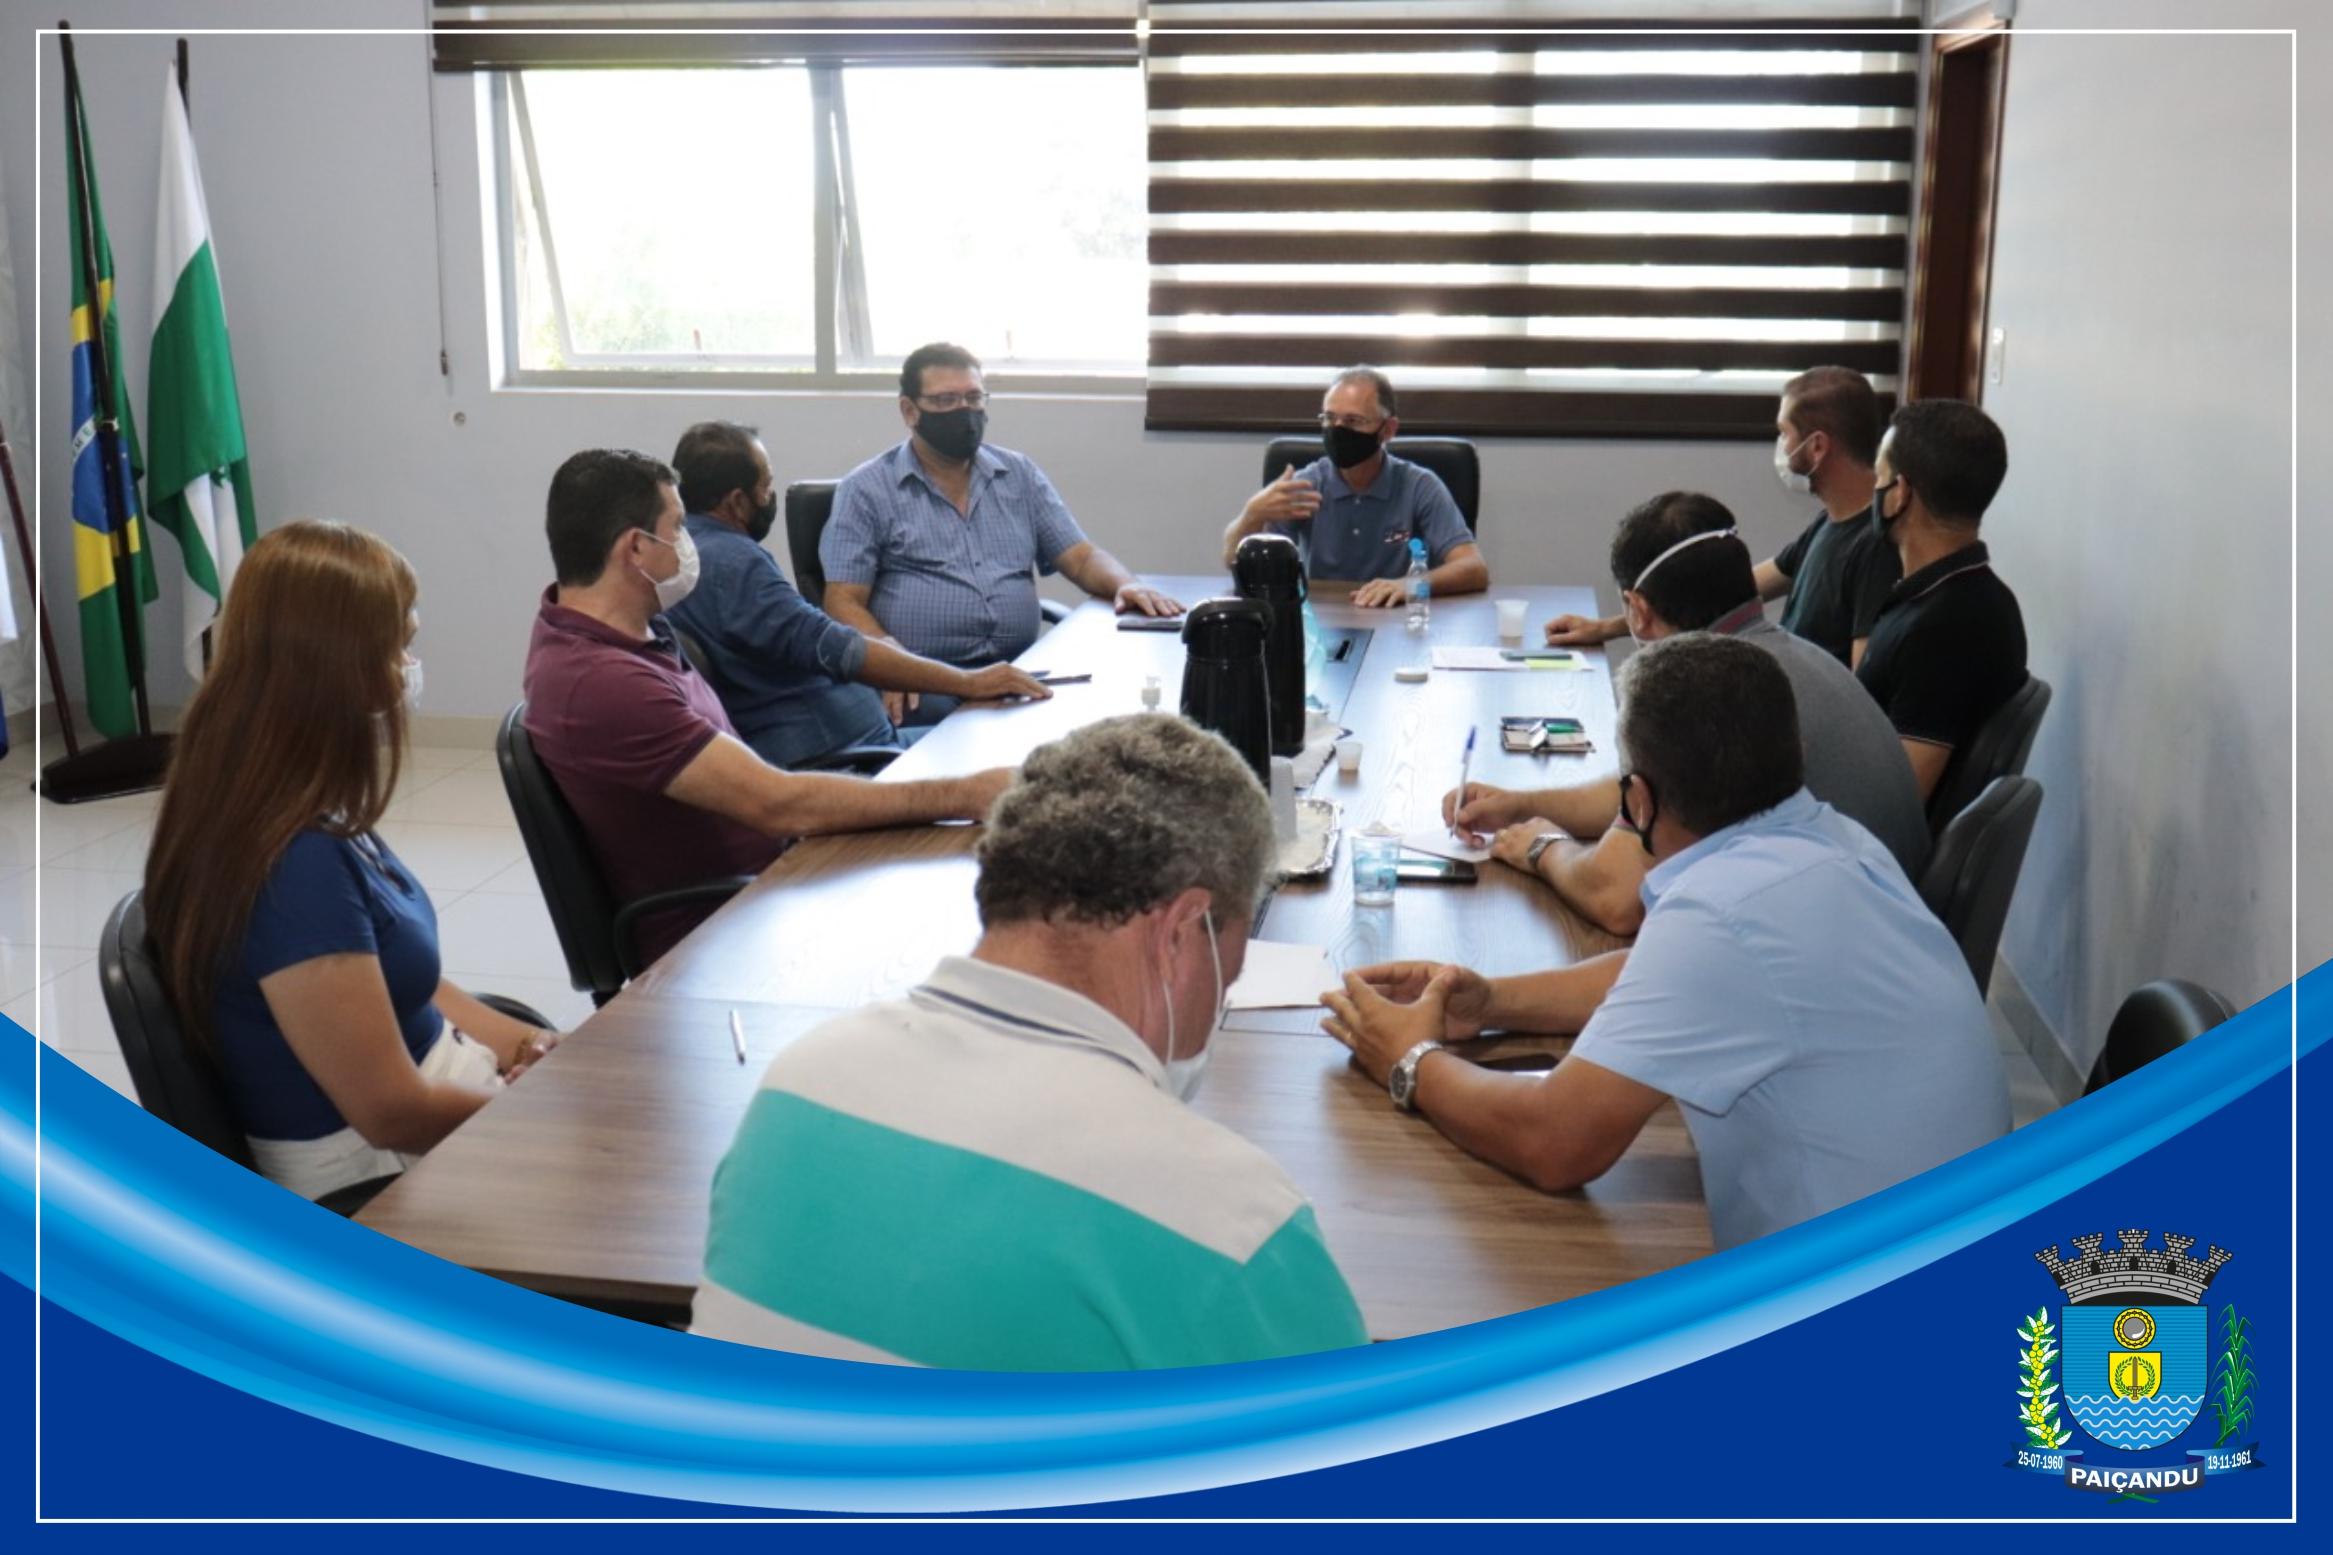 Na reunião, os parlamentares se colocaram à disposição da Prefeitura e discutiram demandas para o município